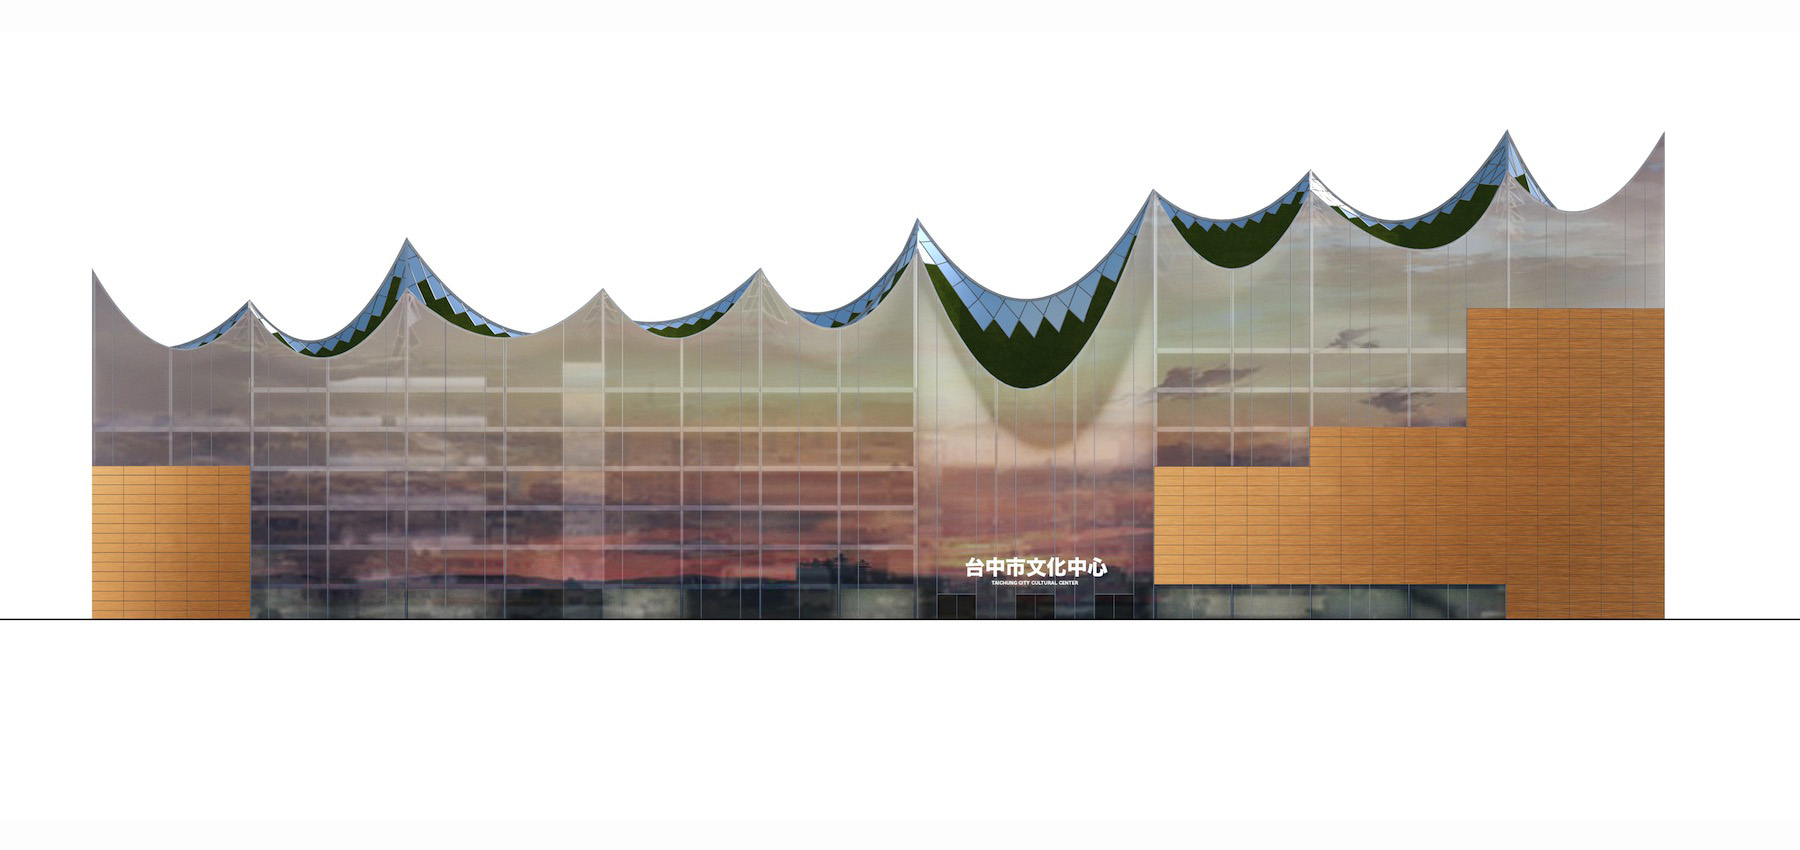 singularq-architecture-lab-arquitectura-concurso